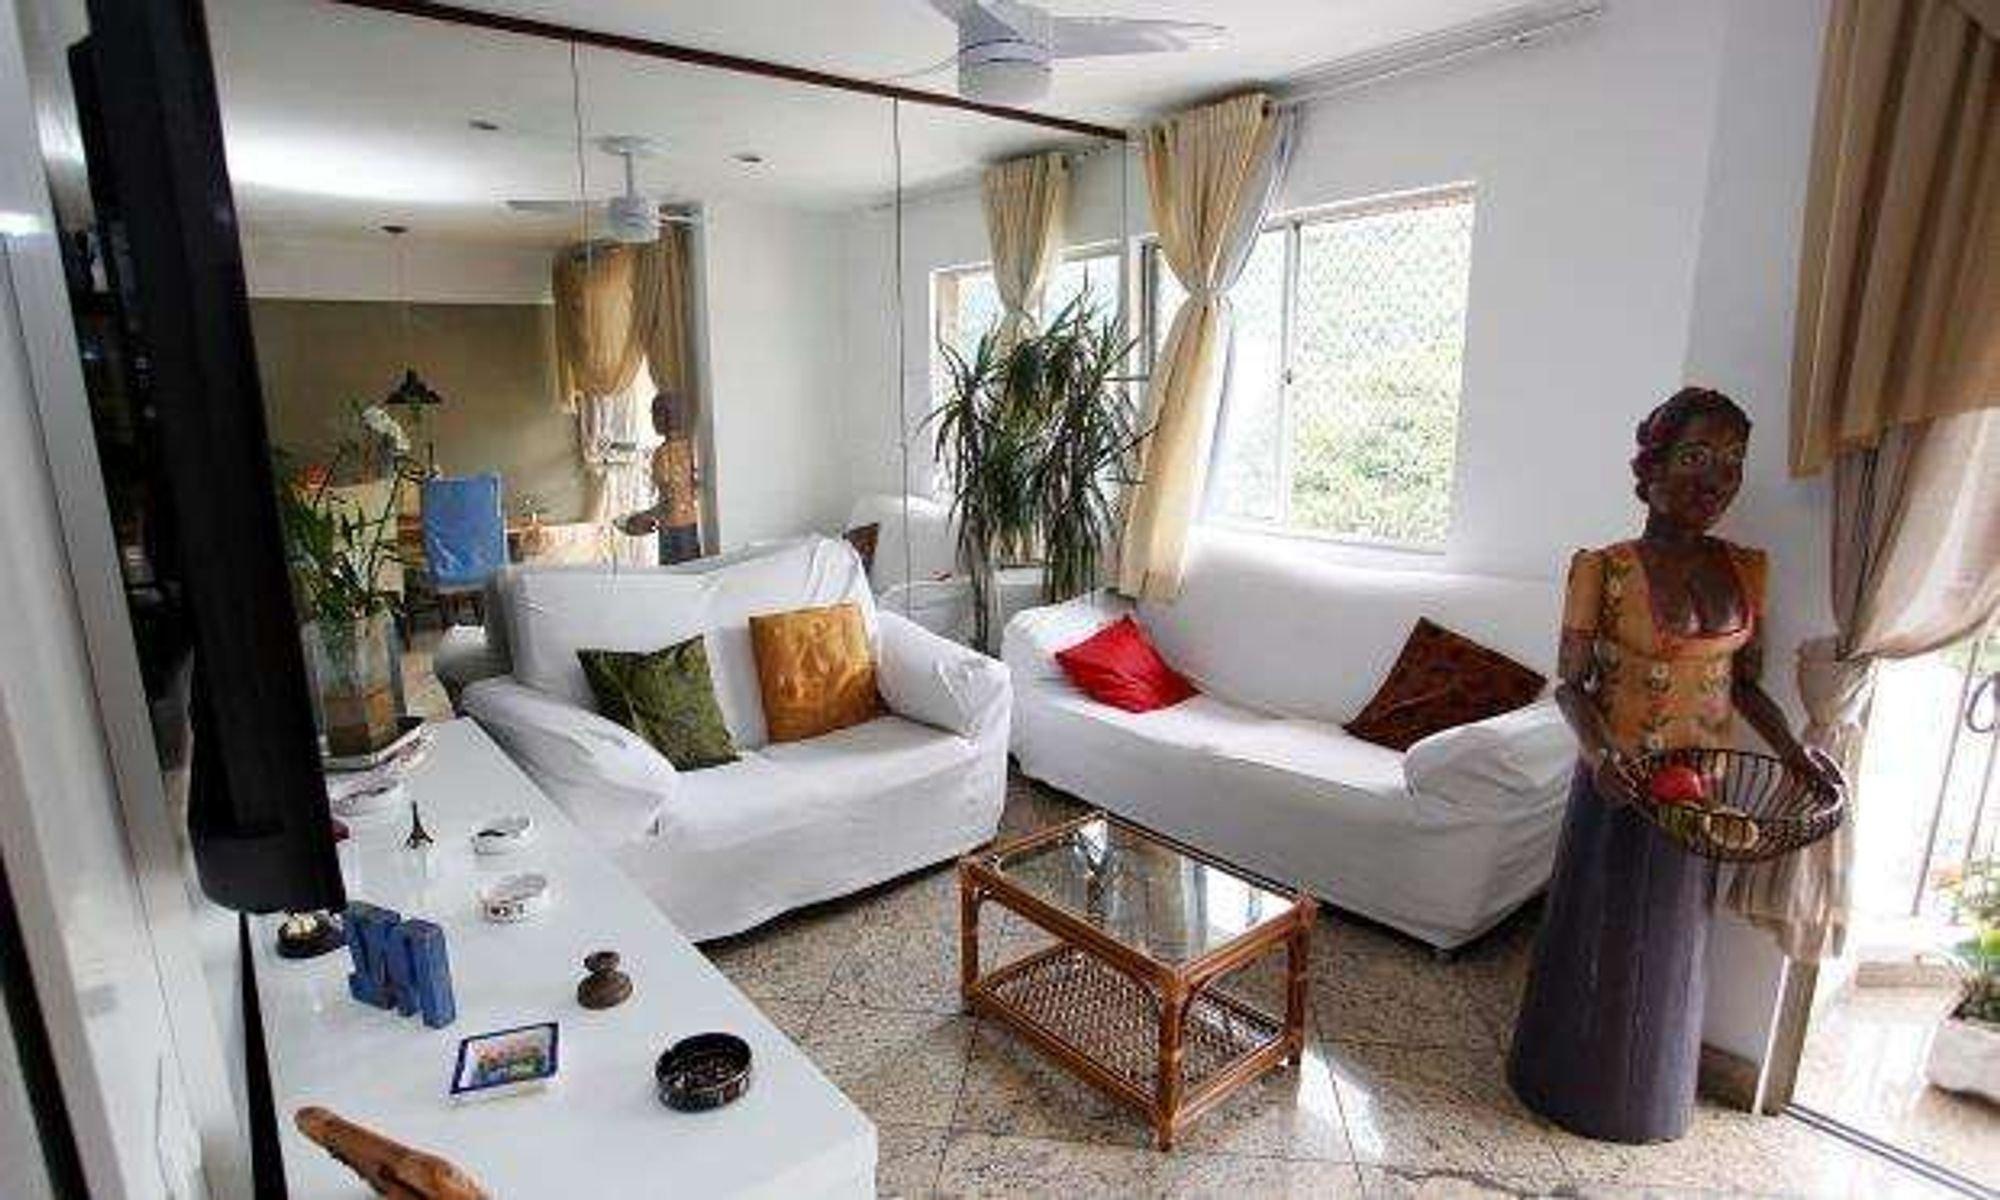 Foto de Sala com vaso de planta, sofá, pessoa